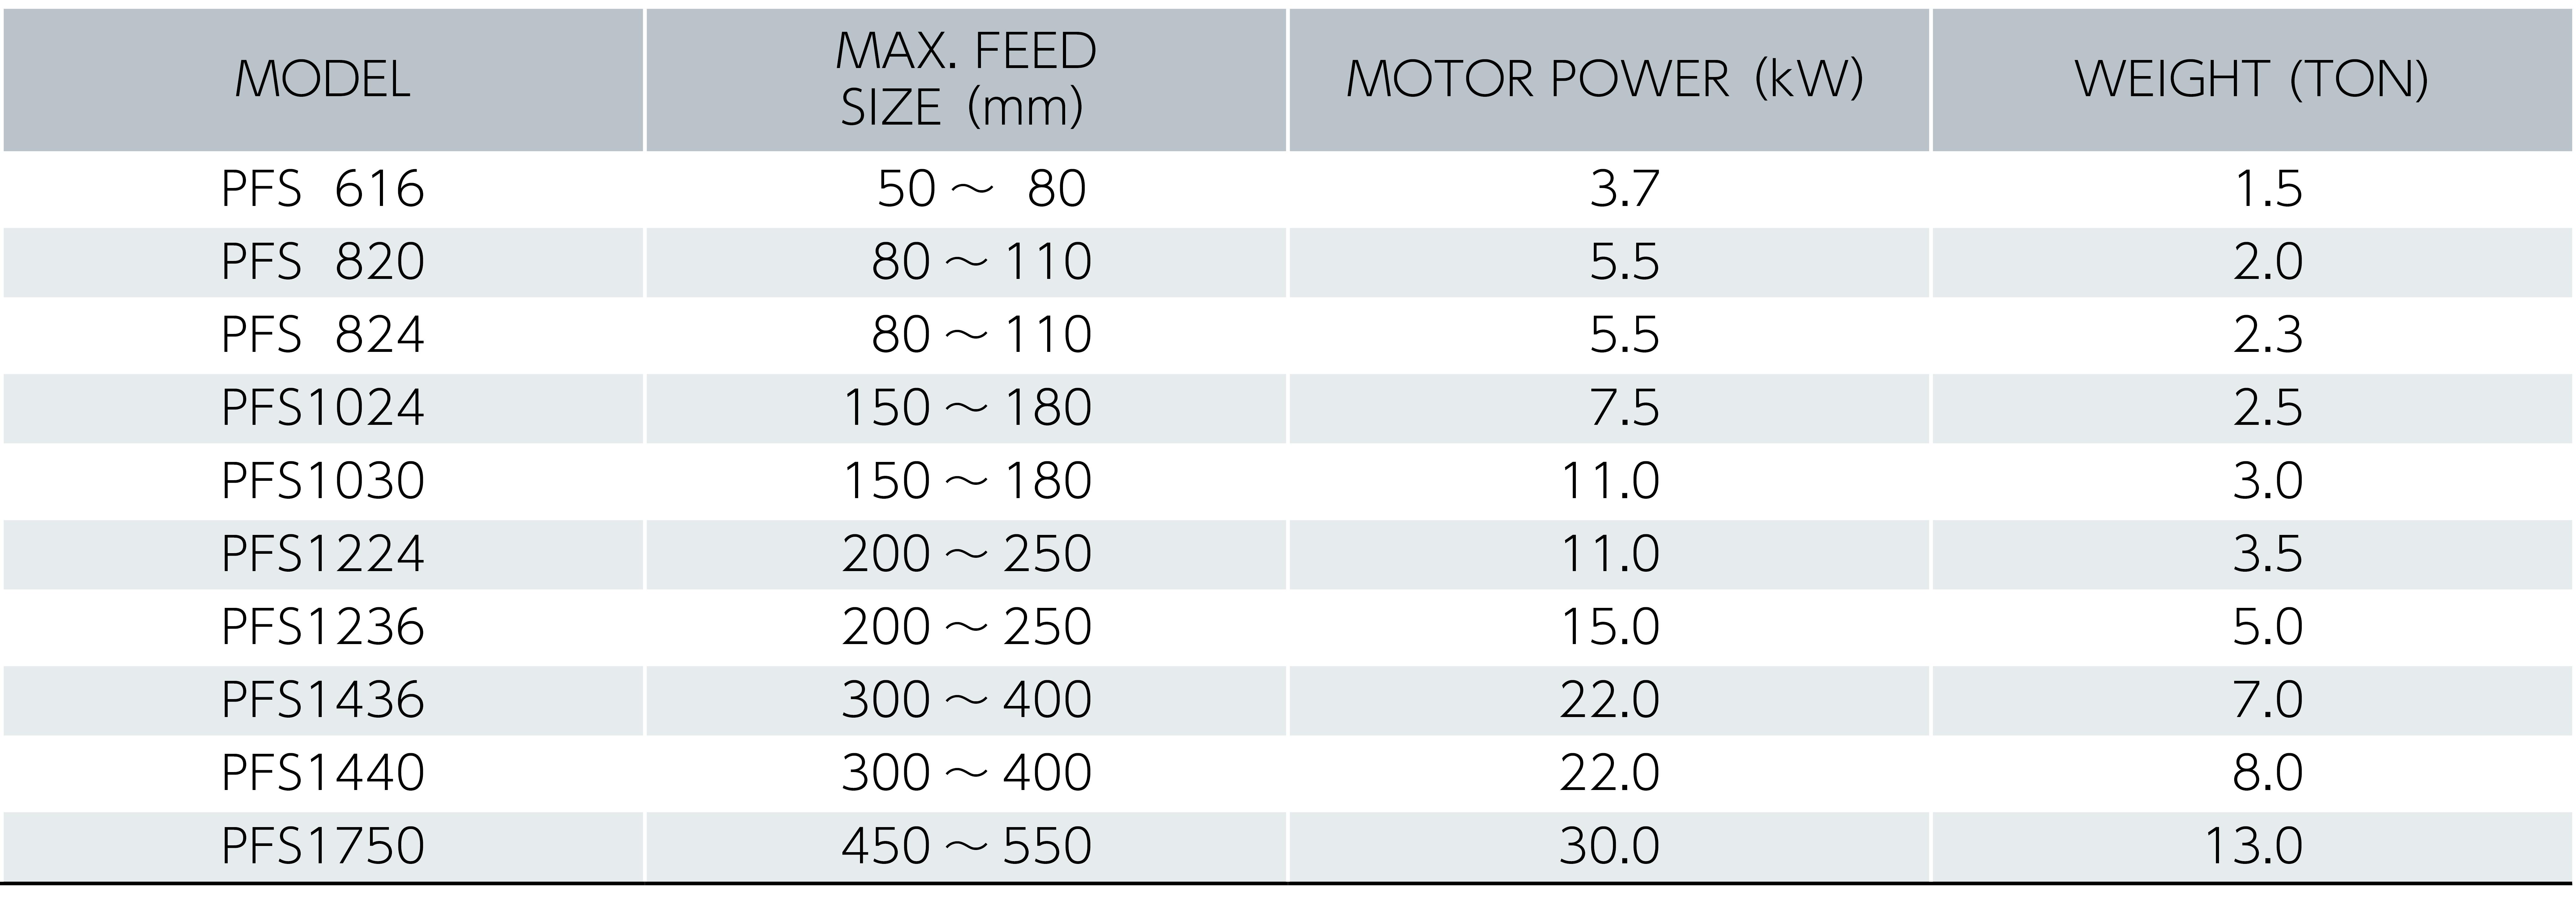 定量供給機 プレートフィーダ 仕様表